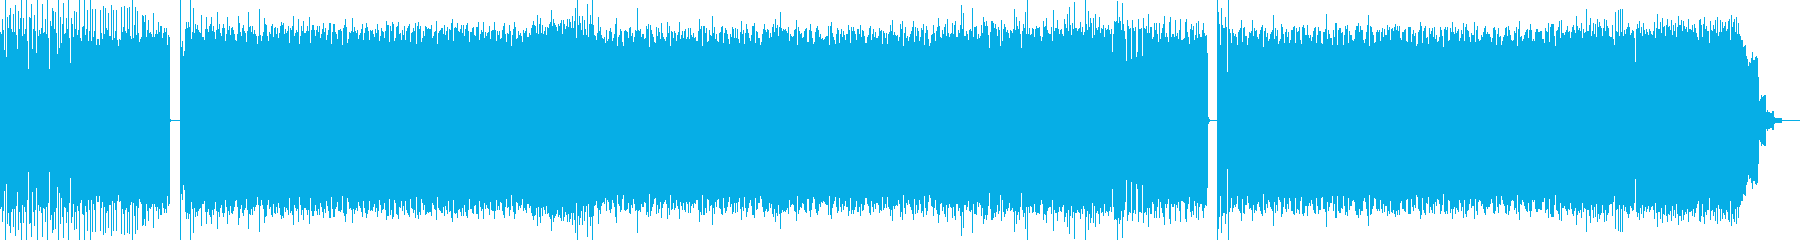 ダブステップ調の4つ打ちEDM(vo無)の再生済みの波形